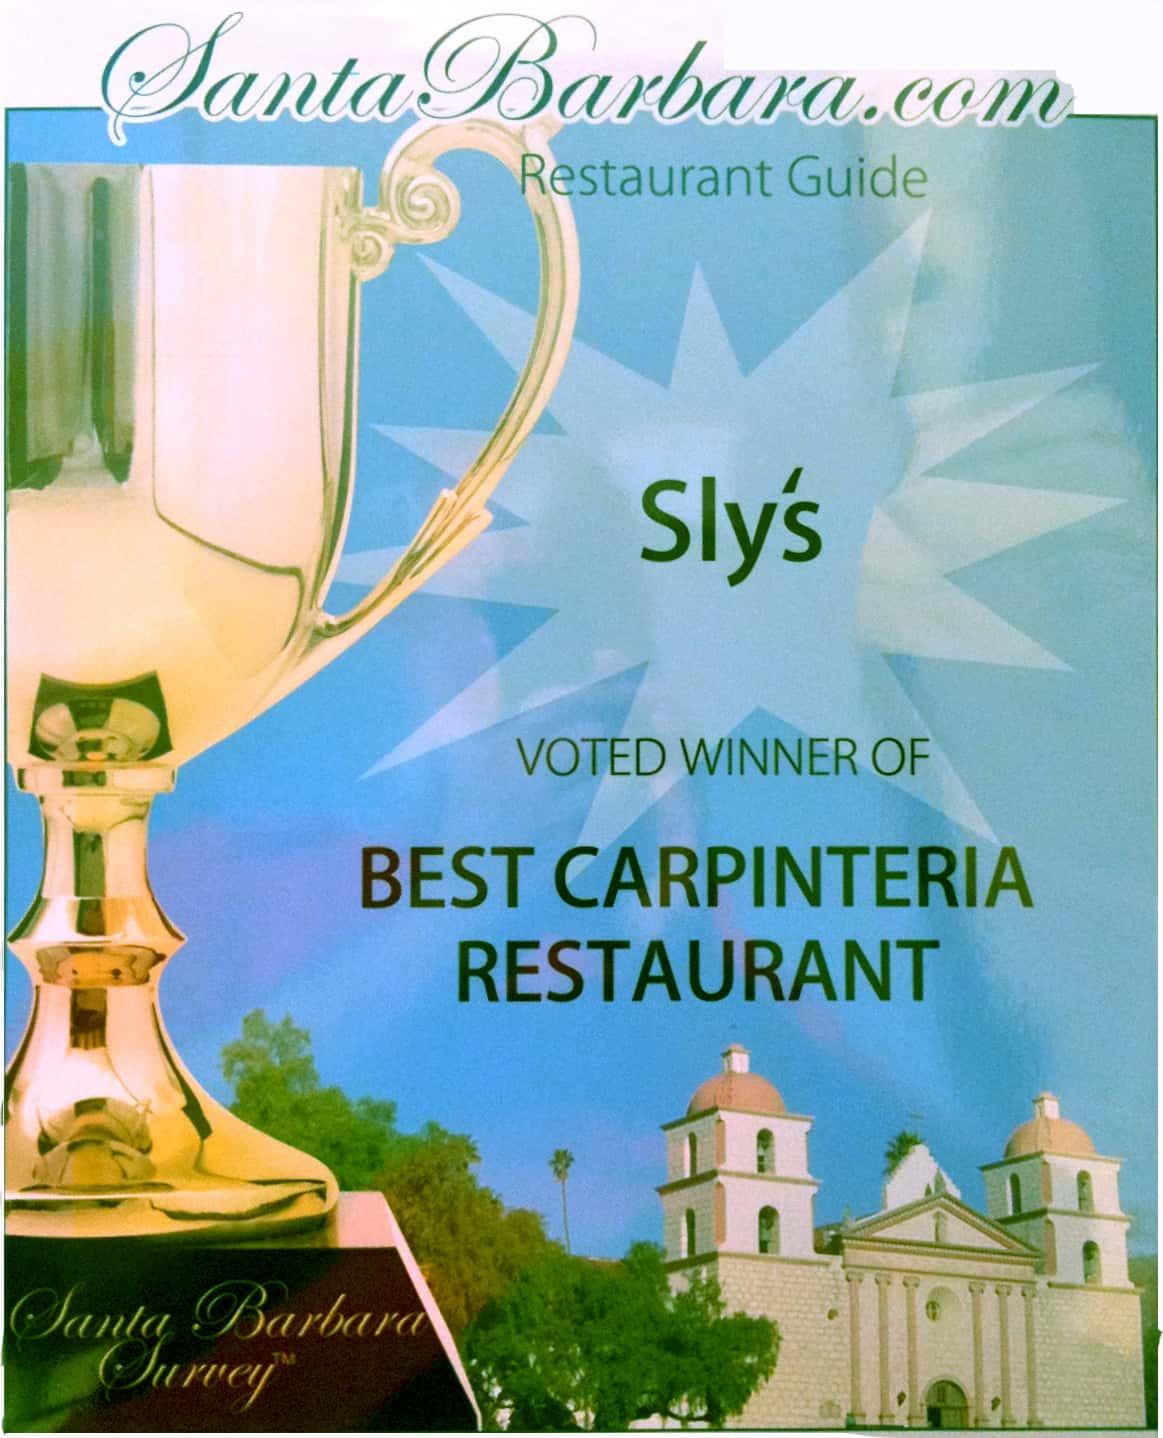 Best Carpinteria Restaurant